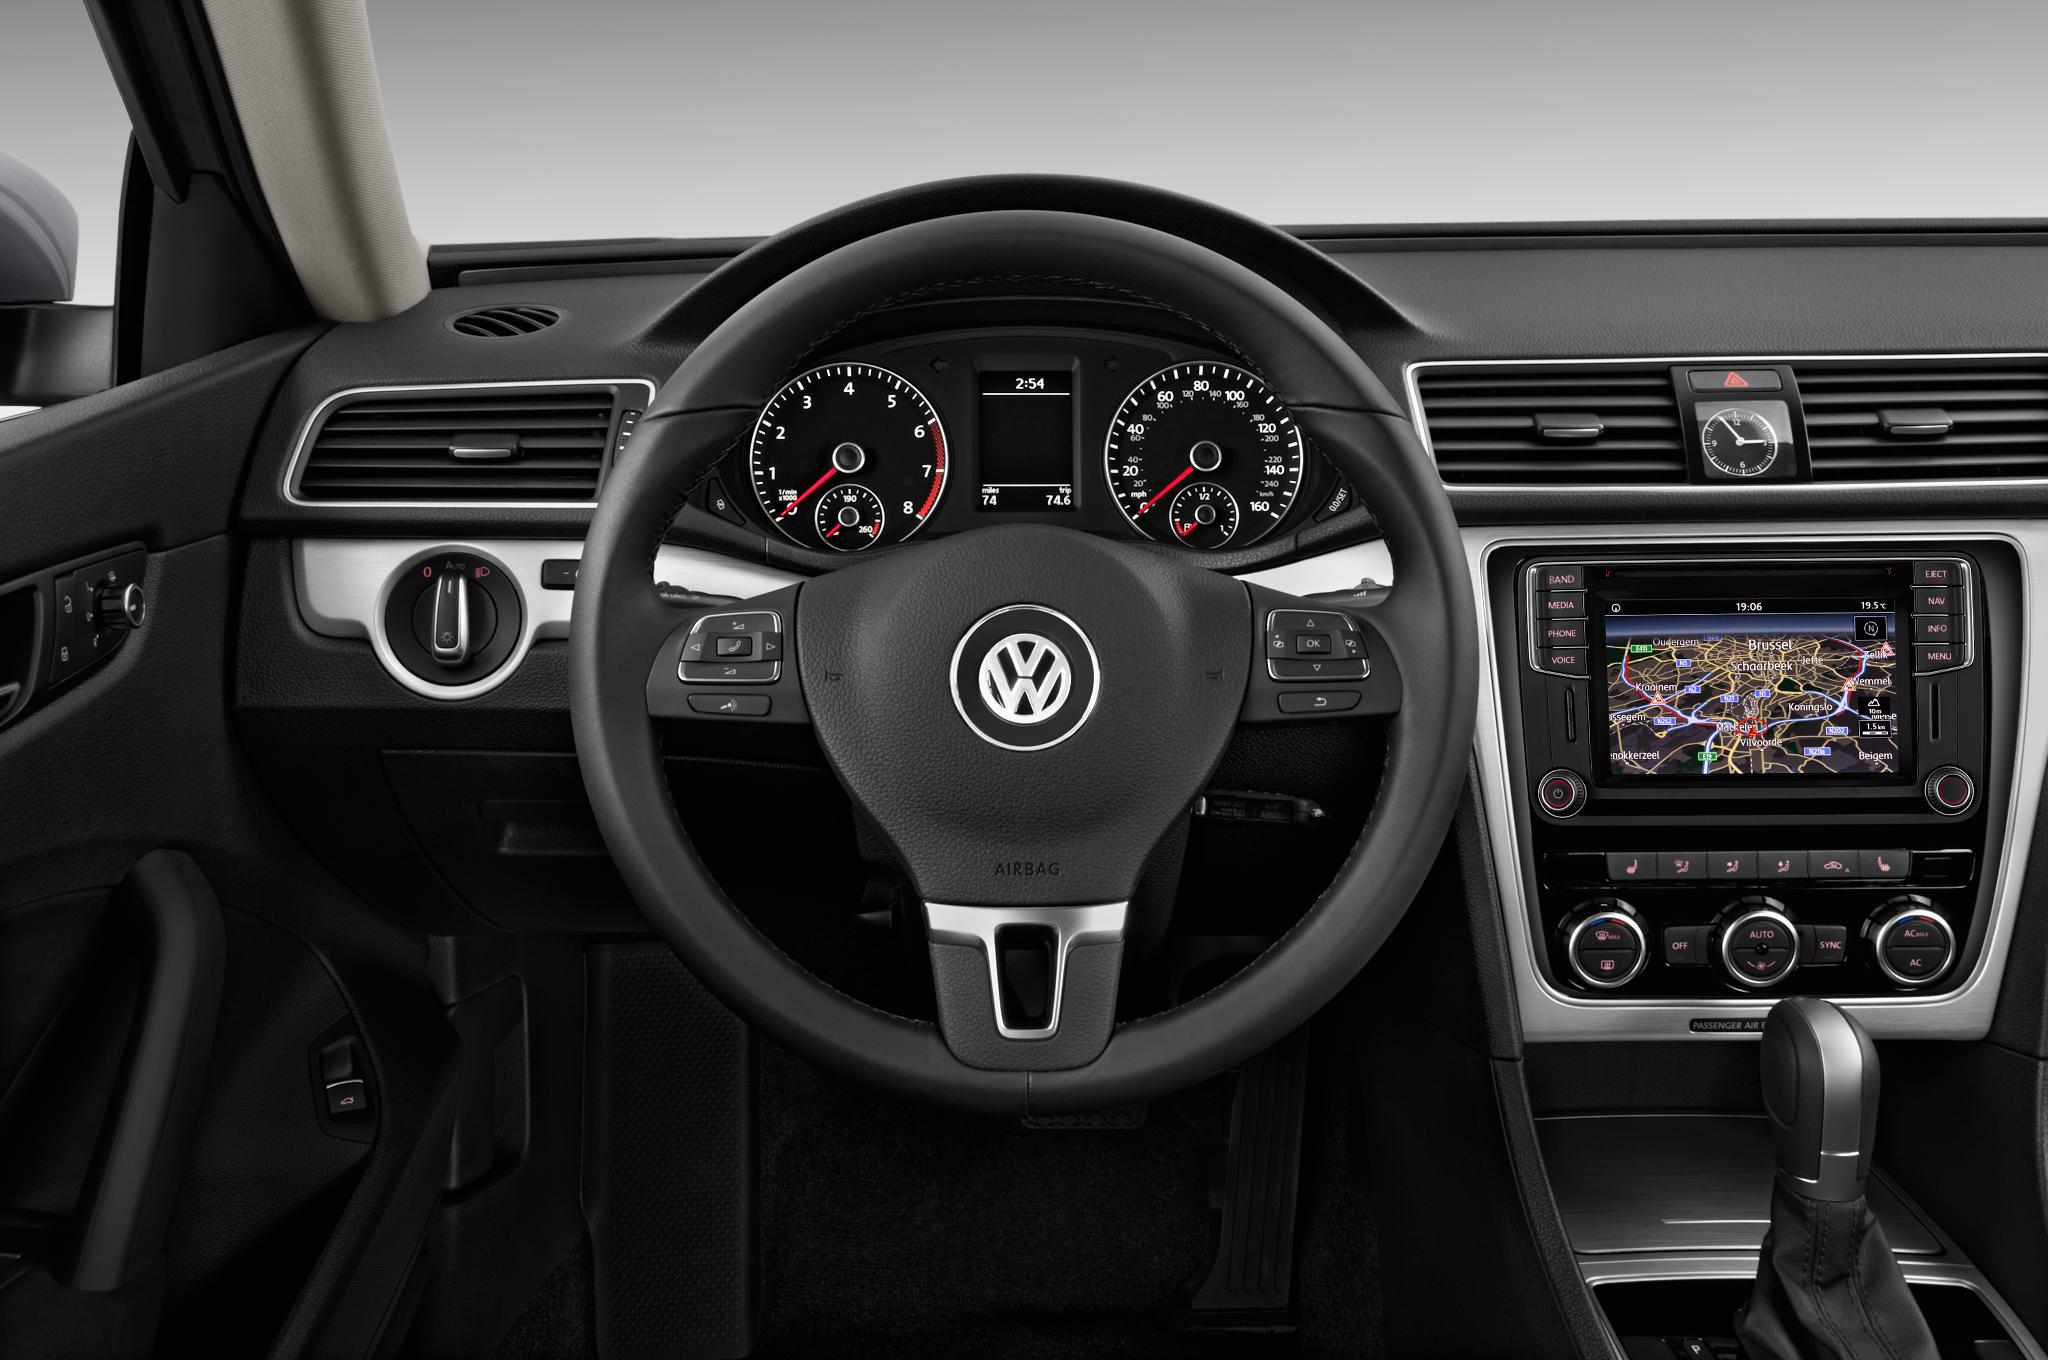 volkswagen passat interior 2016. 48|51 volkswagen passat interior 2016 ,